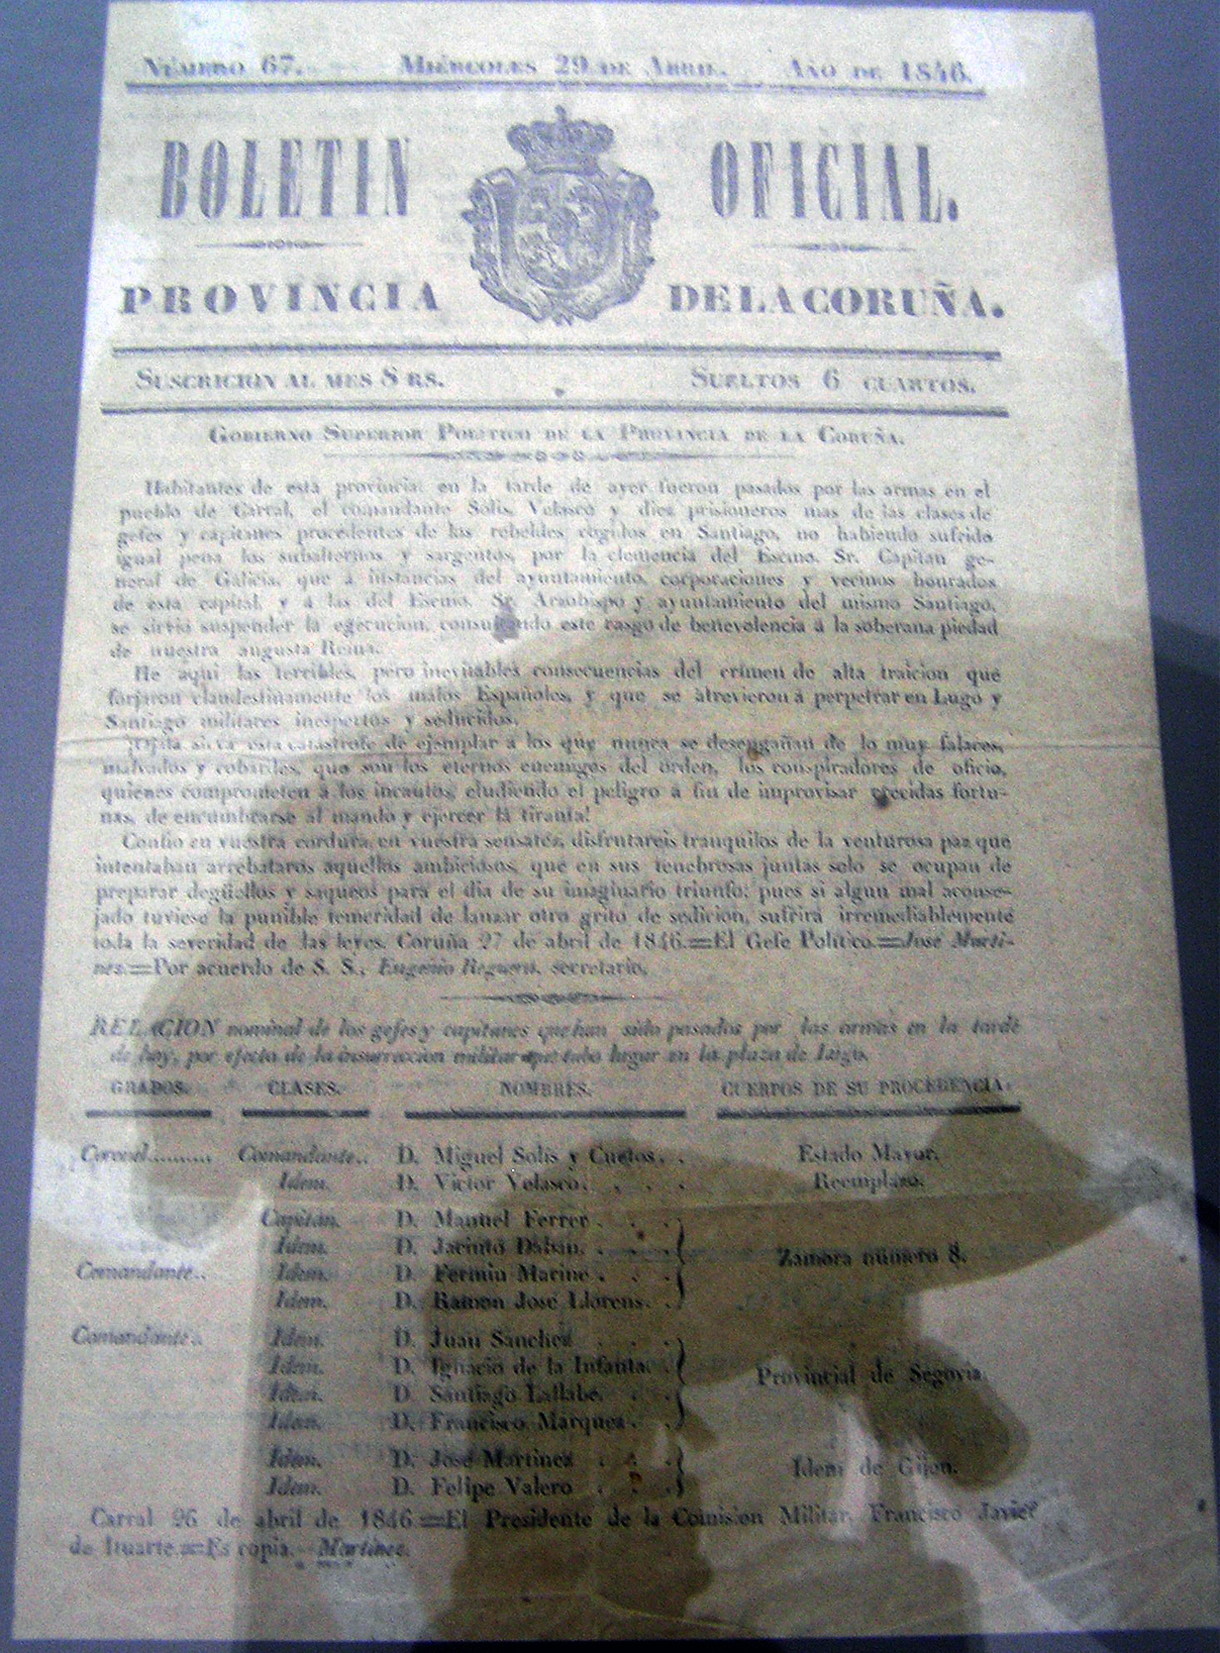 diario oficial de la provincia de a coruna: